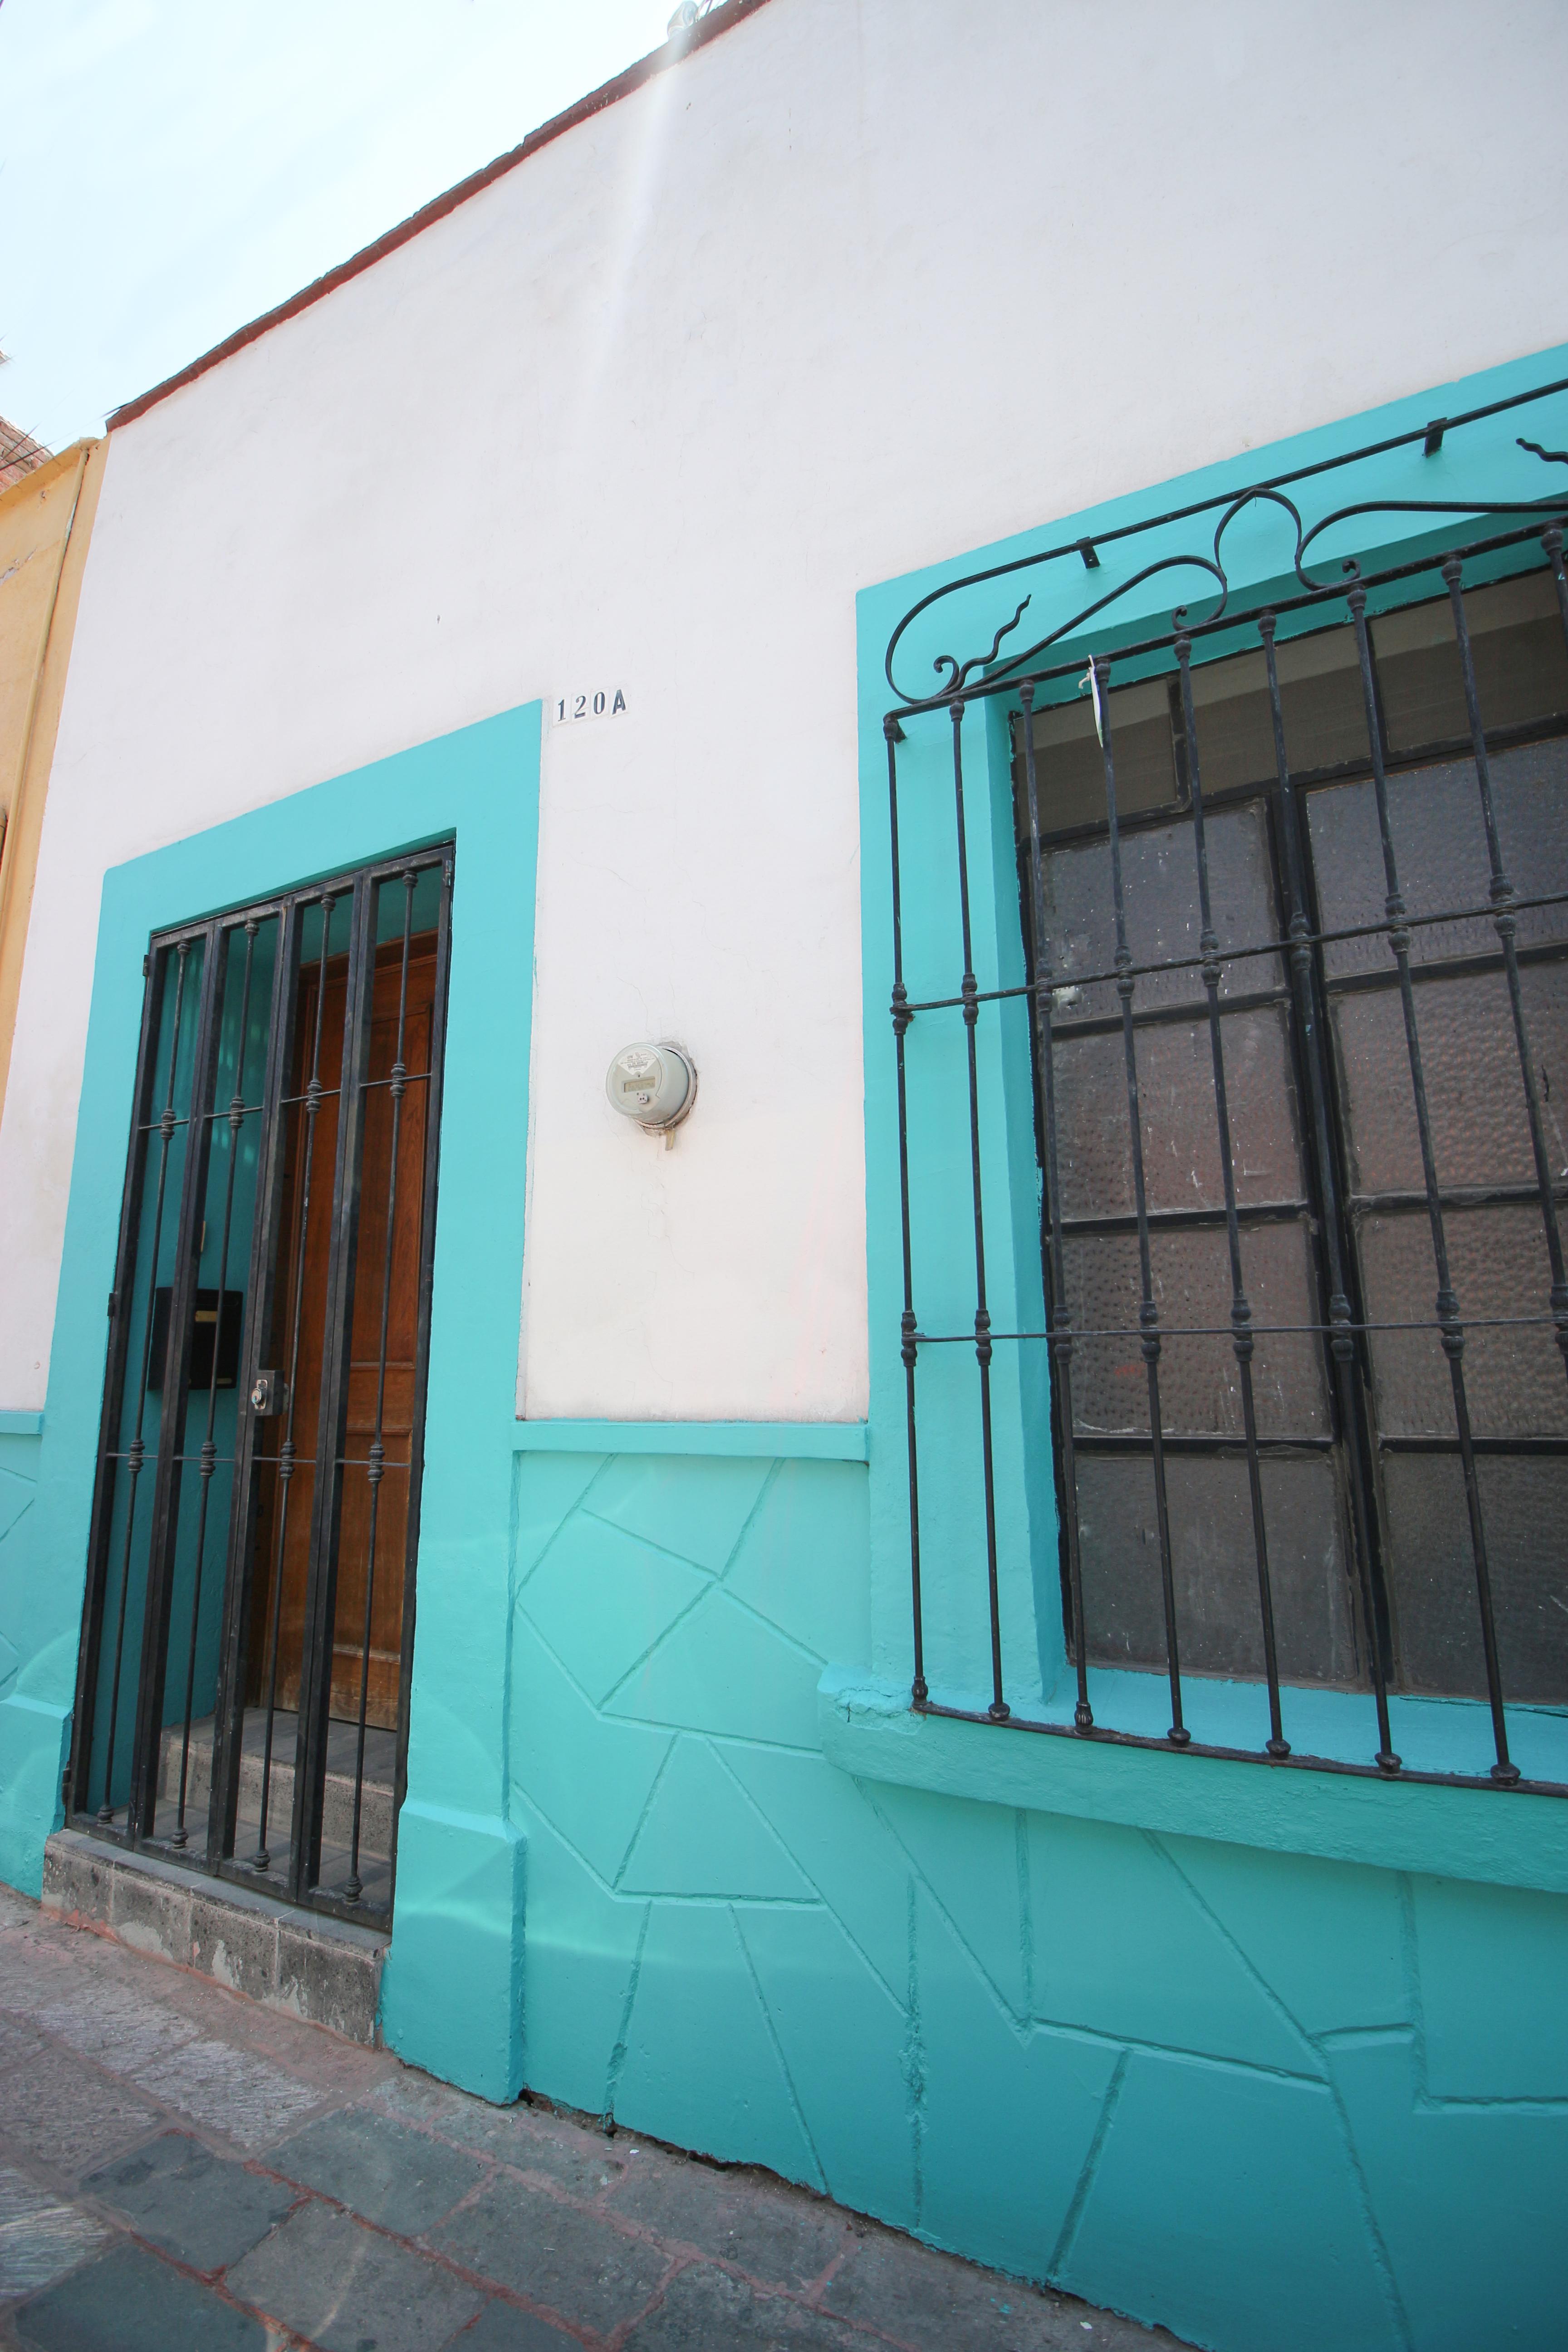 Casa en Renta Queretaro Centro Historico / House in lease in Downtown Queretaro